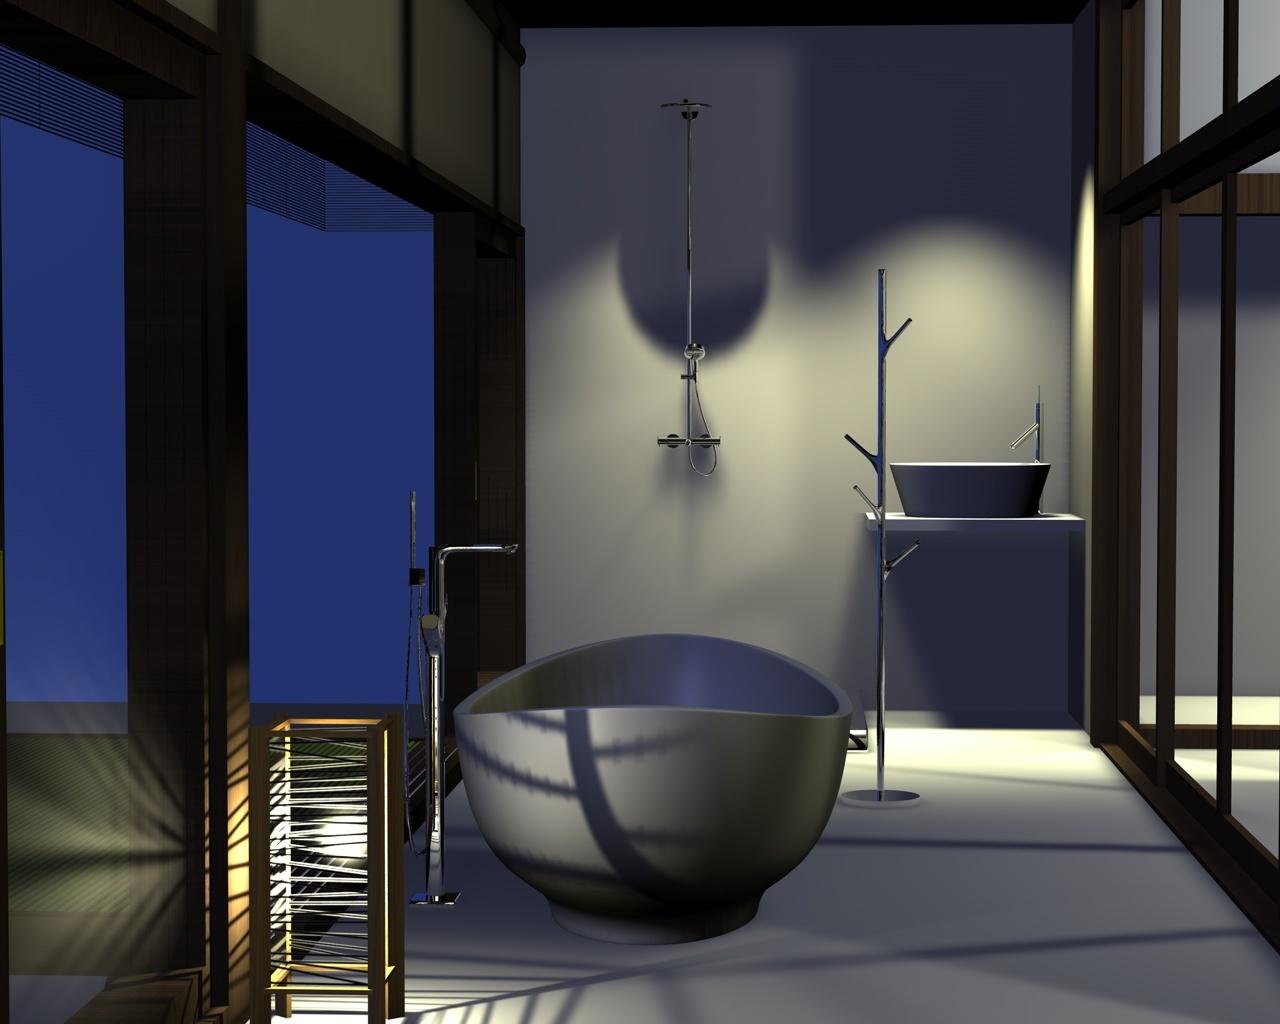 アンビルドシリーズ12 縁側で入浴_d0057215_17273266.jpg